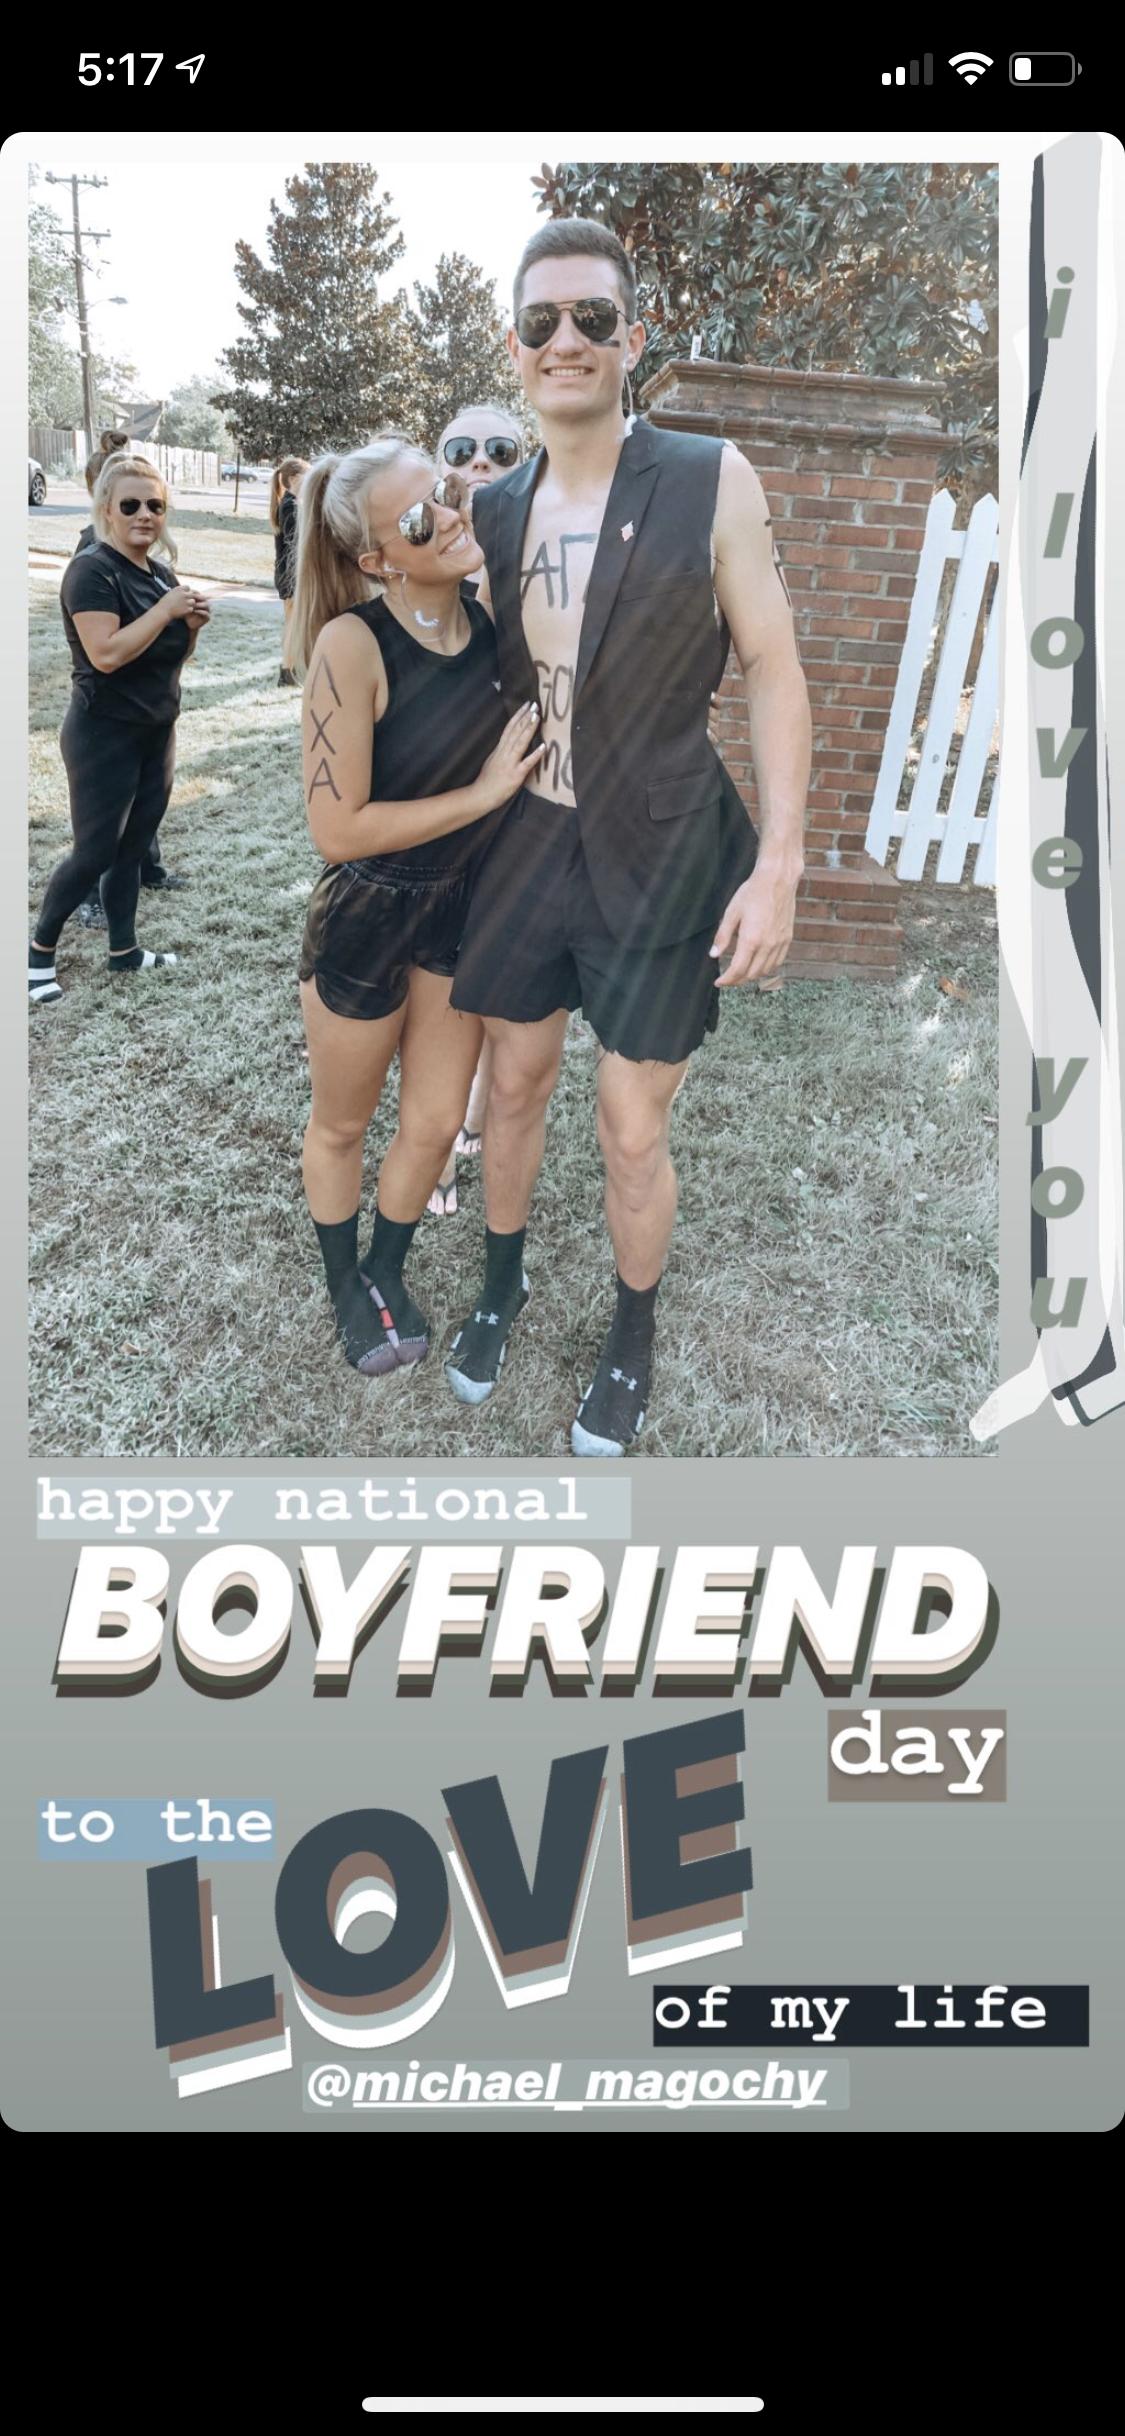 Instagram Stories In 2020 Boyfriend Instagram Creative Instagram Stories Boyfriend Day